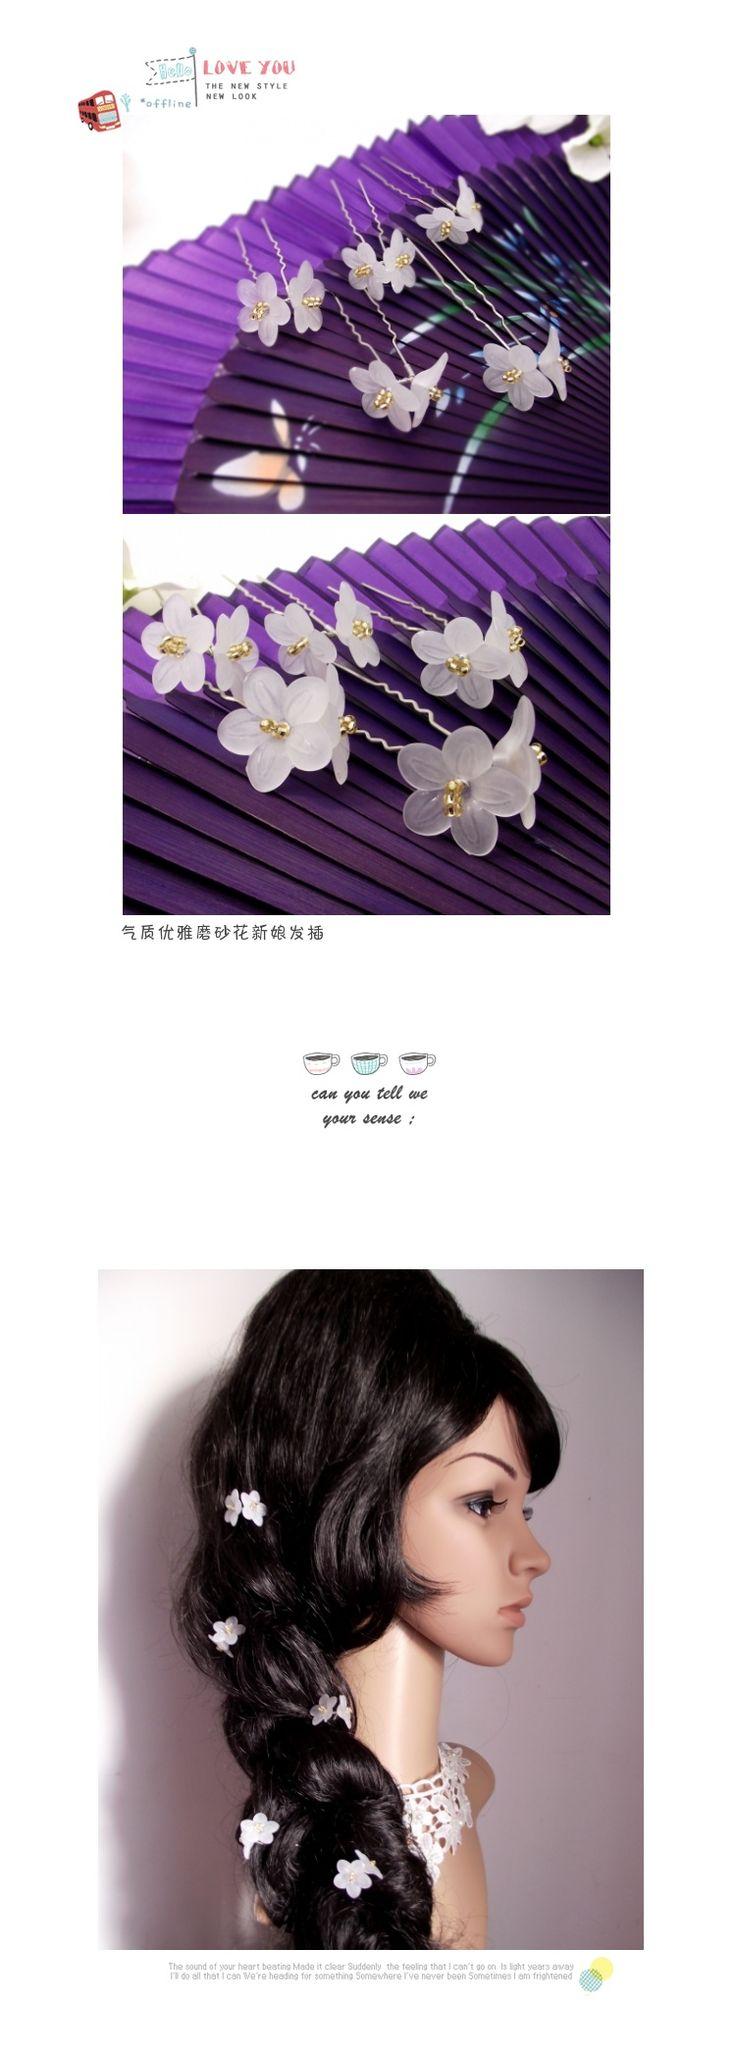 Handmade свадебный головной убор корейский фантазии белый матовое цветок зажим для волос шпильки У Жени плагин цветочные аксессуары для волос - Taobao